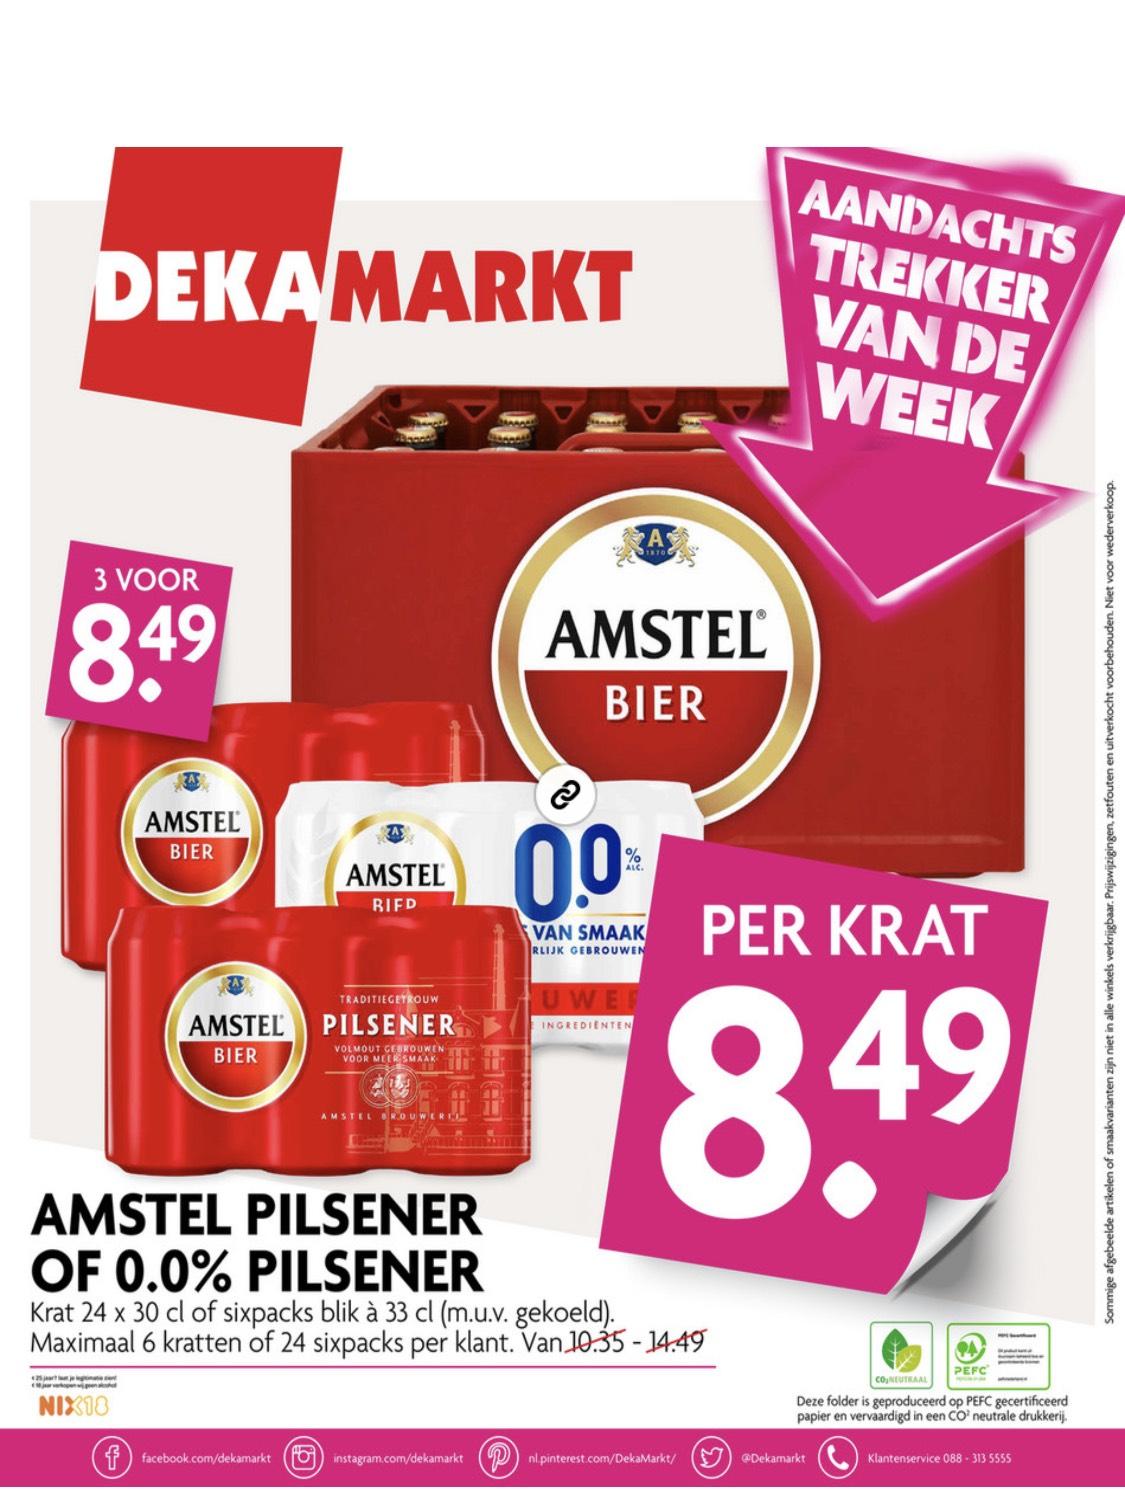 Dekamarkt: 1 Krat Amstel bier of 3 sixpacks voor 8,49